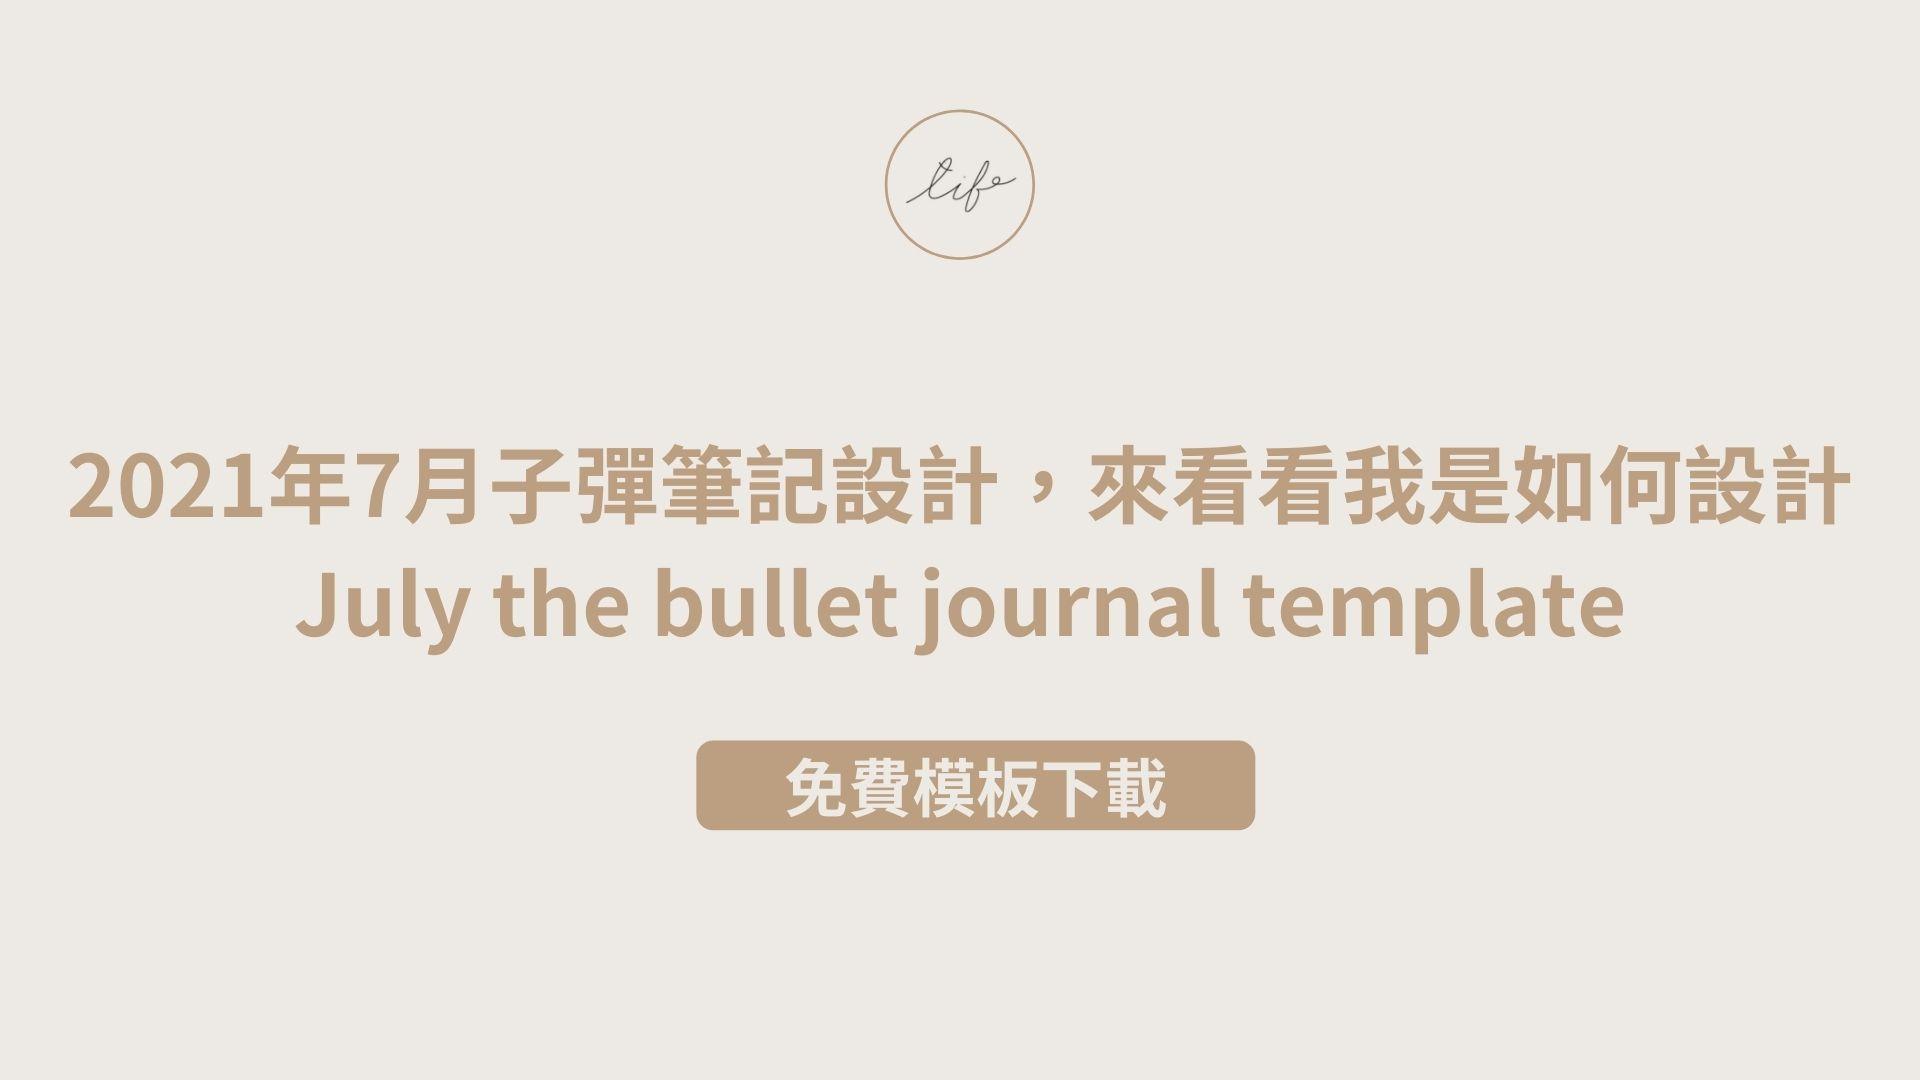 7月子彈筆記模版設計